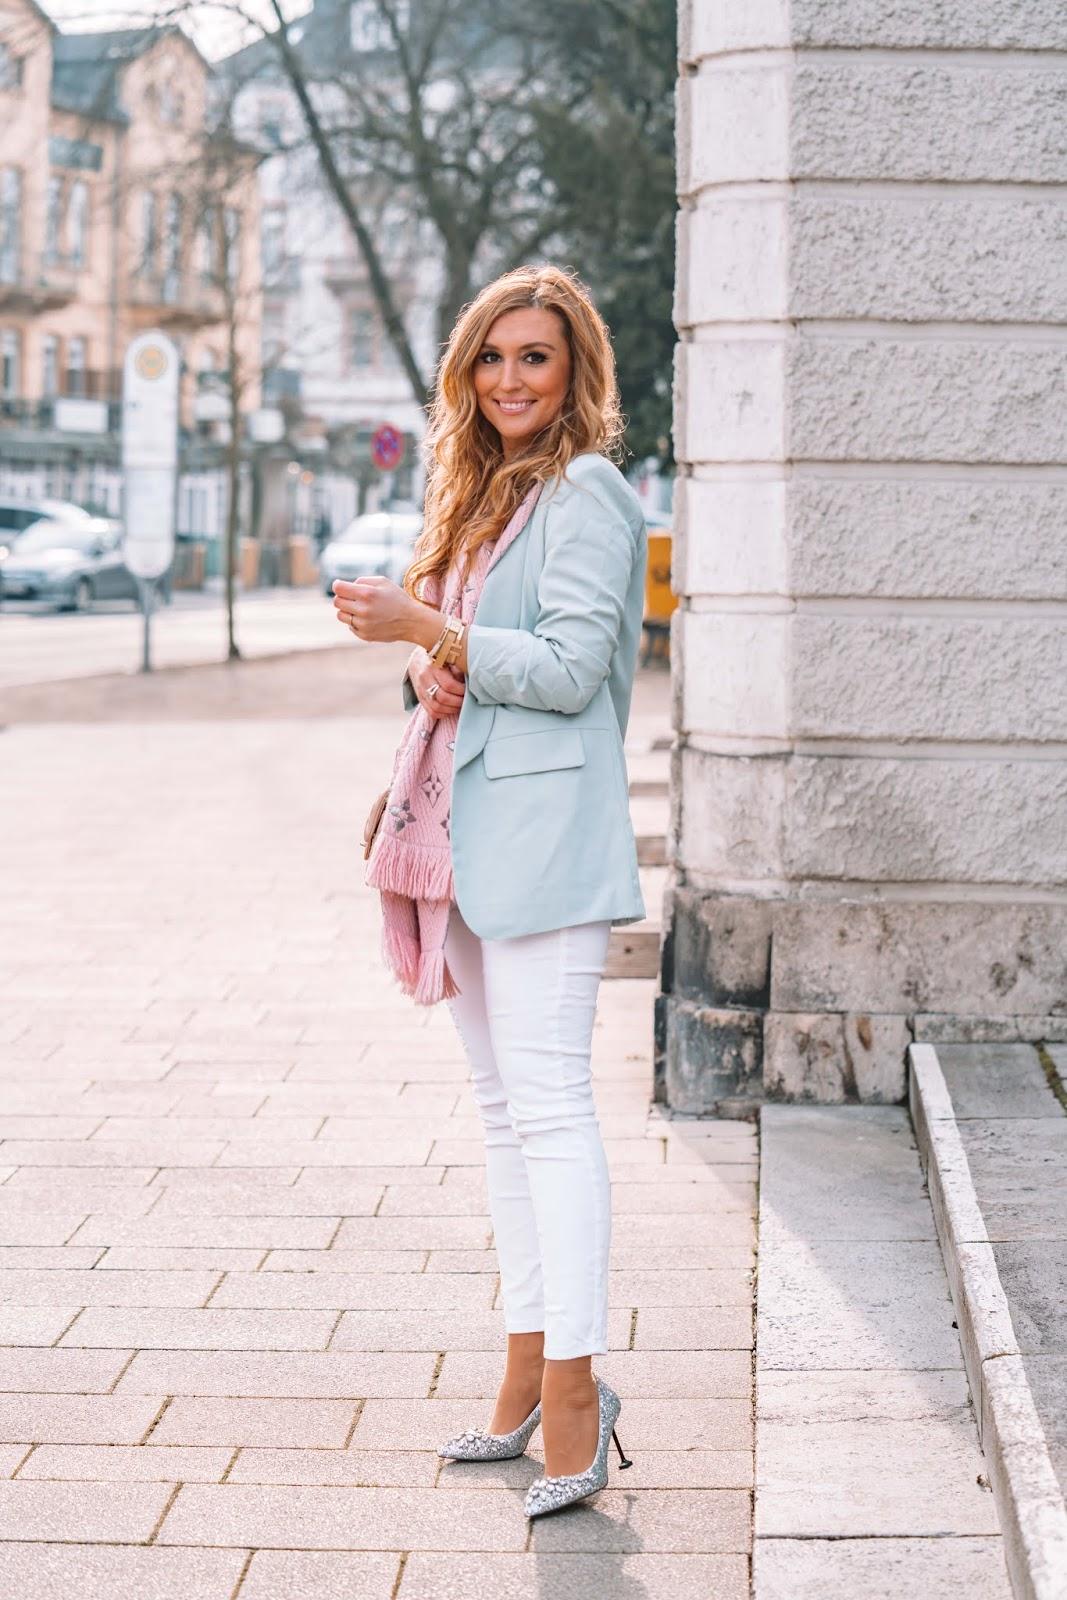 Fashionstylebyjohanna-So kombinierst du feminin einen blauen Blazer